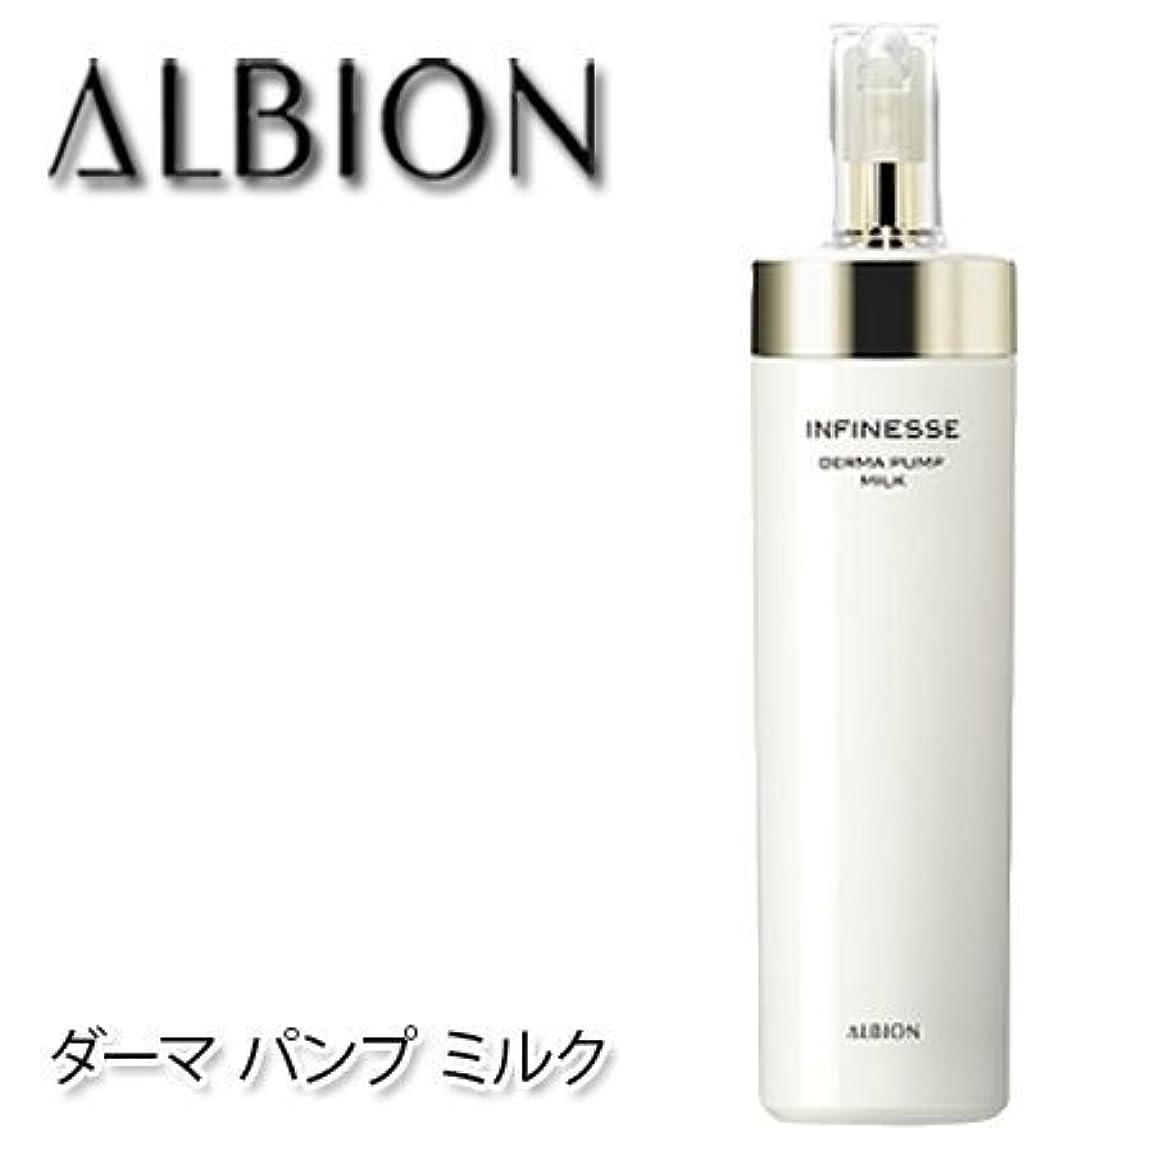 テレビテスピアンジョリーアルビオン アンフィネス ダーマ パンプ ミルク 200g-ALBION-